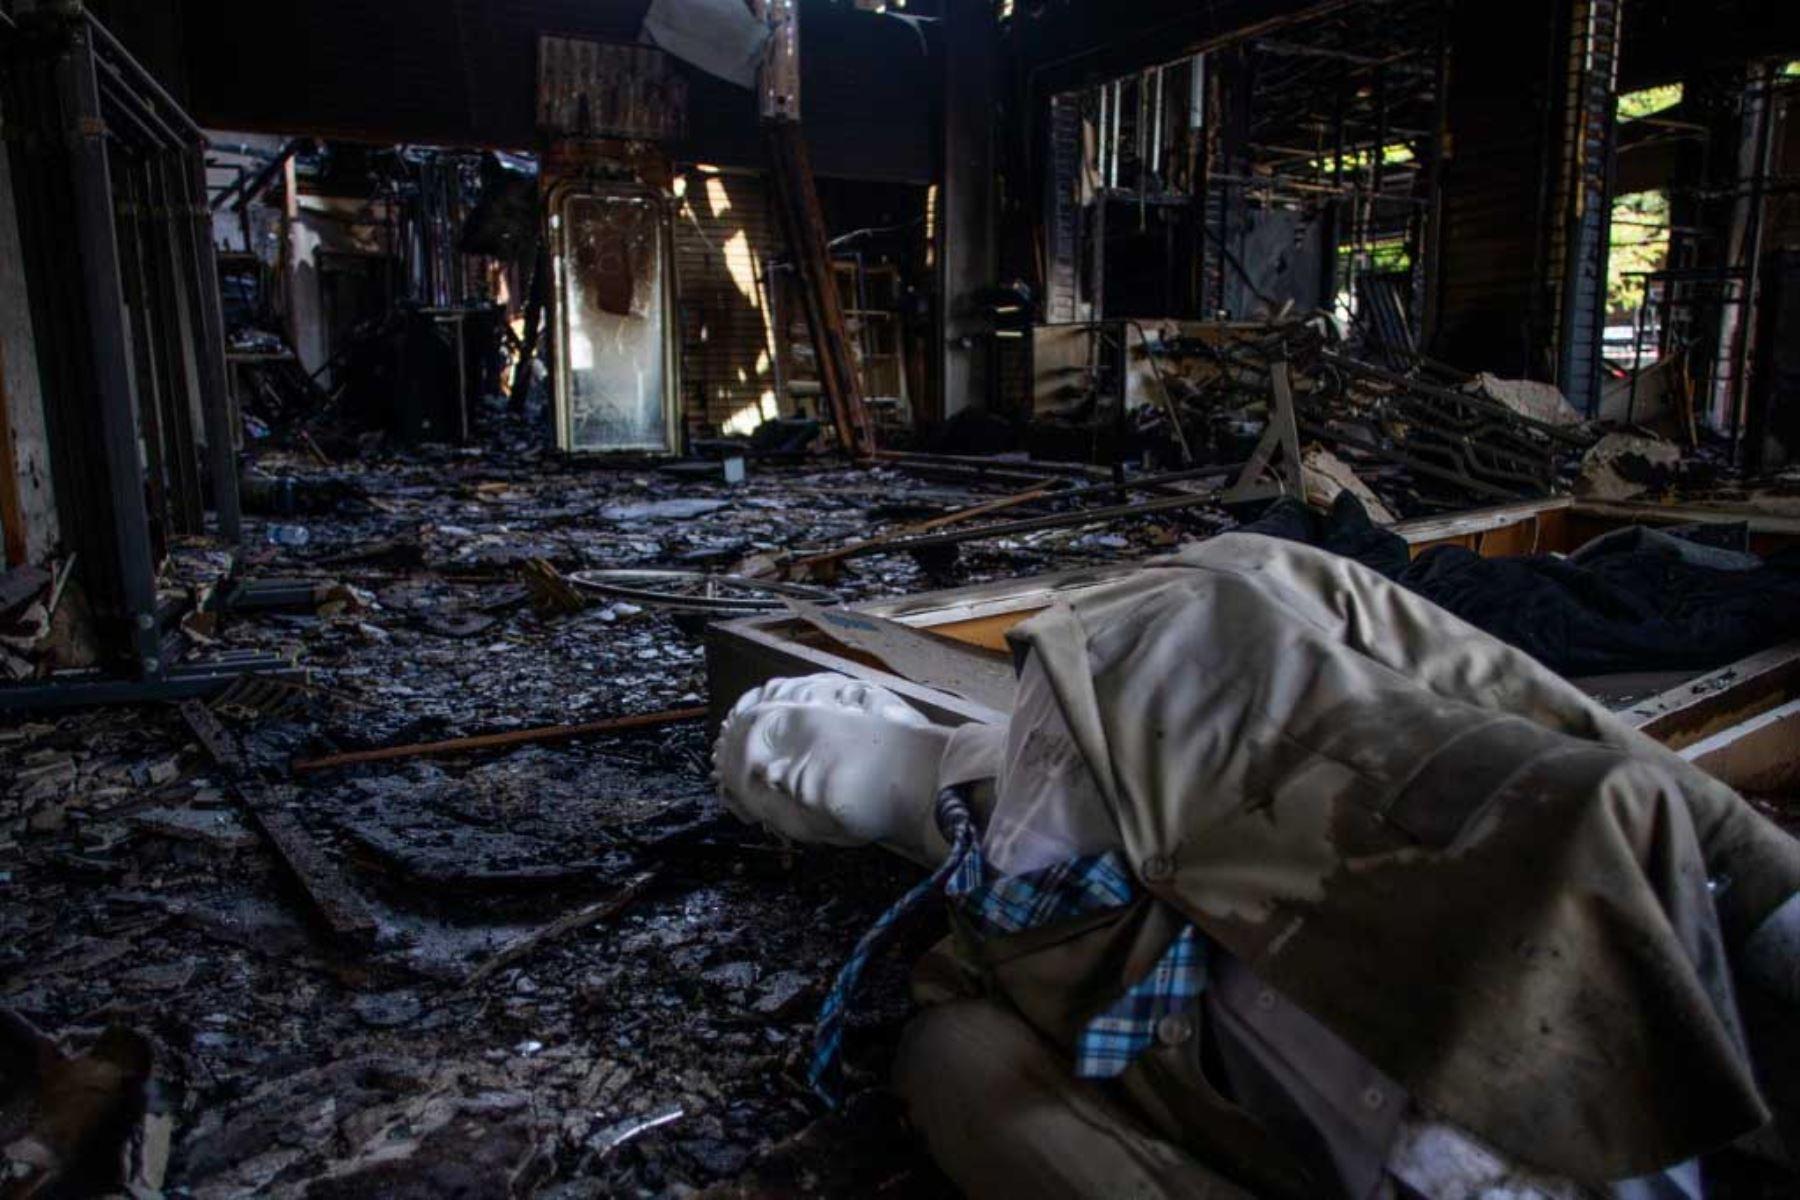 Se ve un maniquí en el piso de un edificio comercial quemado en el centro de Long Beach, California, después de una noche de protestas y saqueos en las principales ciudades de Estados Unidos. Foto: AFP